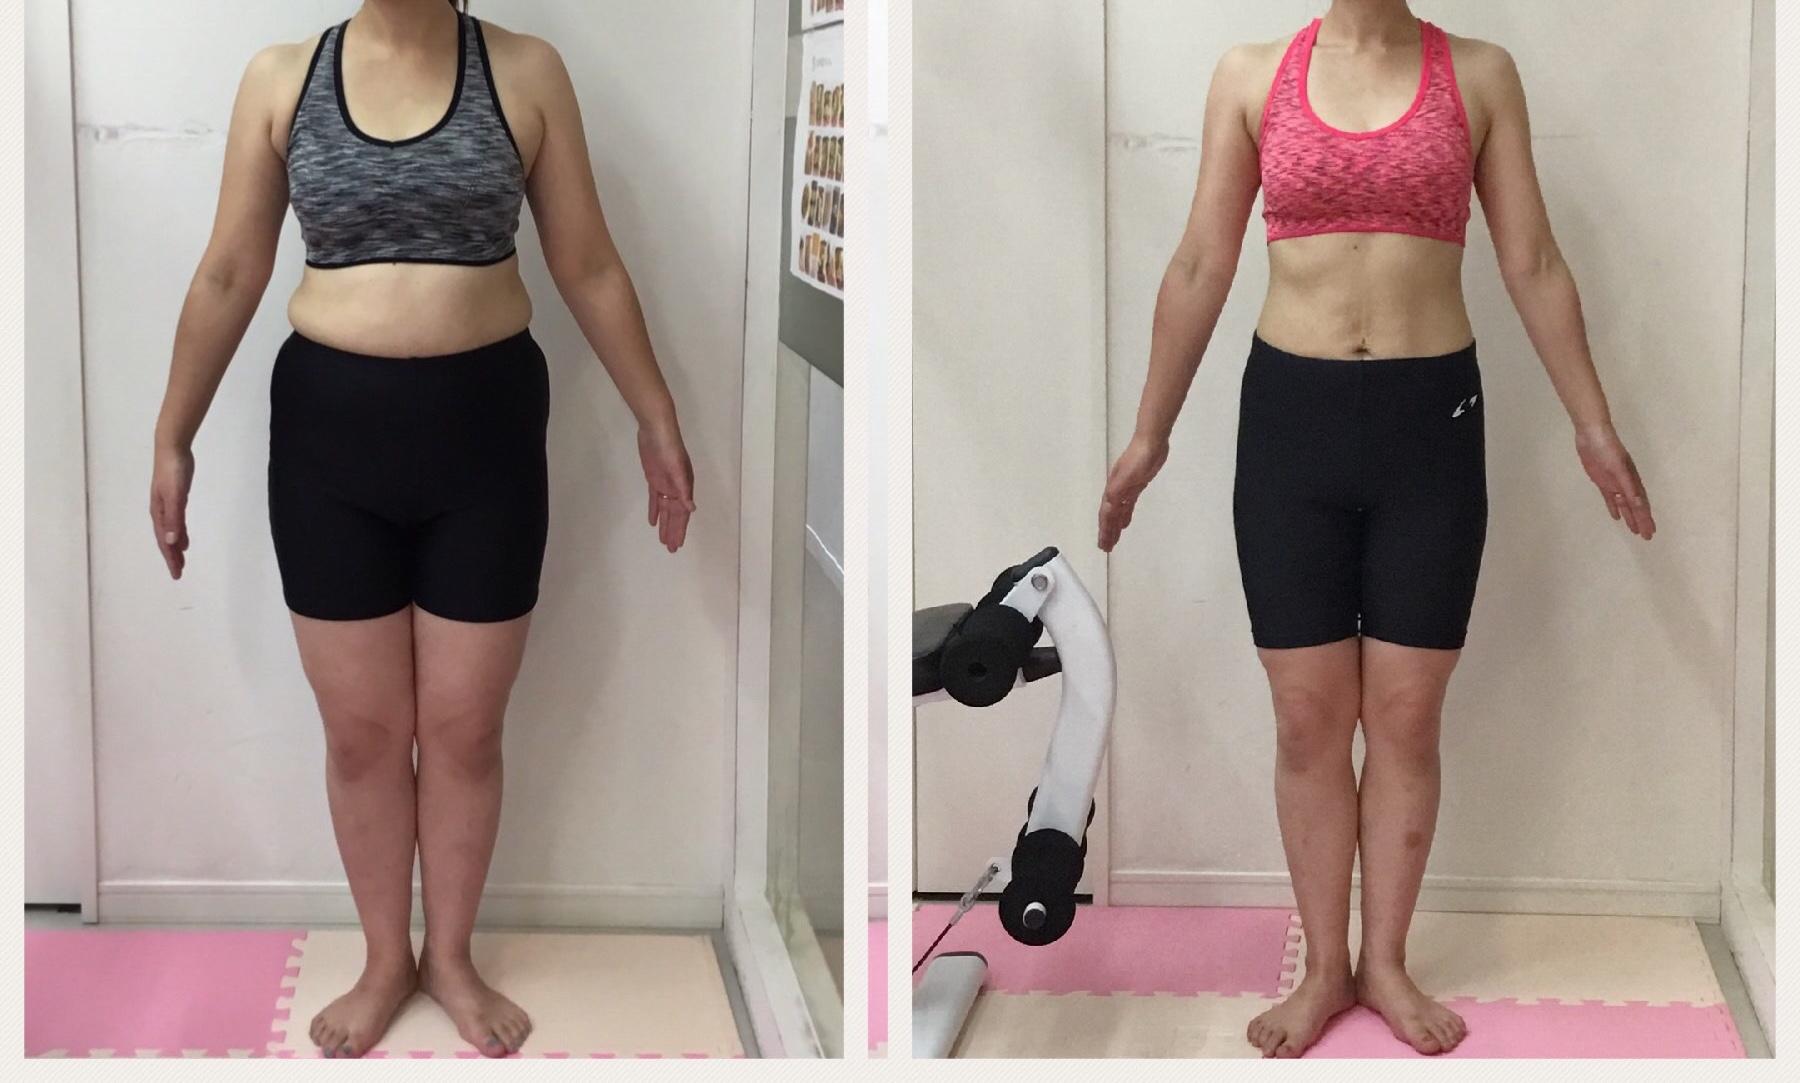 産後ダイエットでウエスト周りのサイズダウン成功のブログ